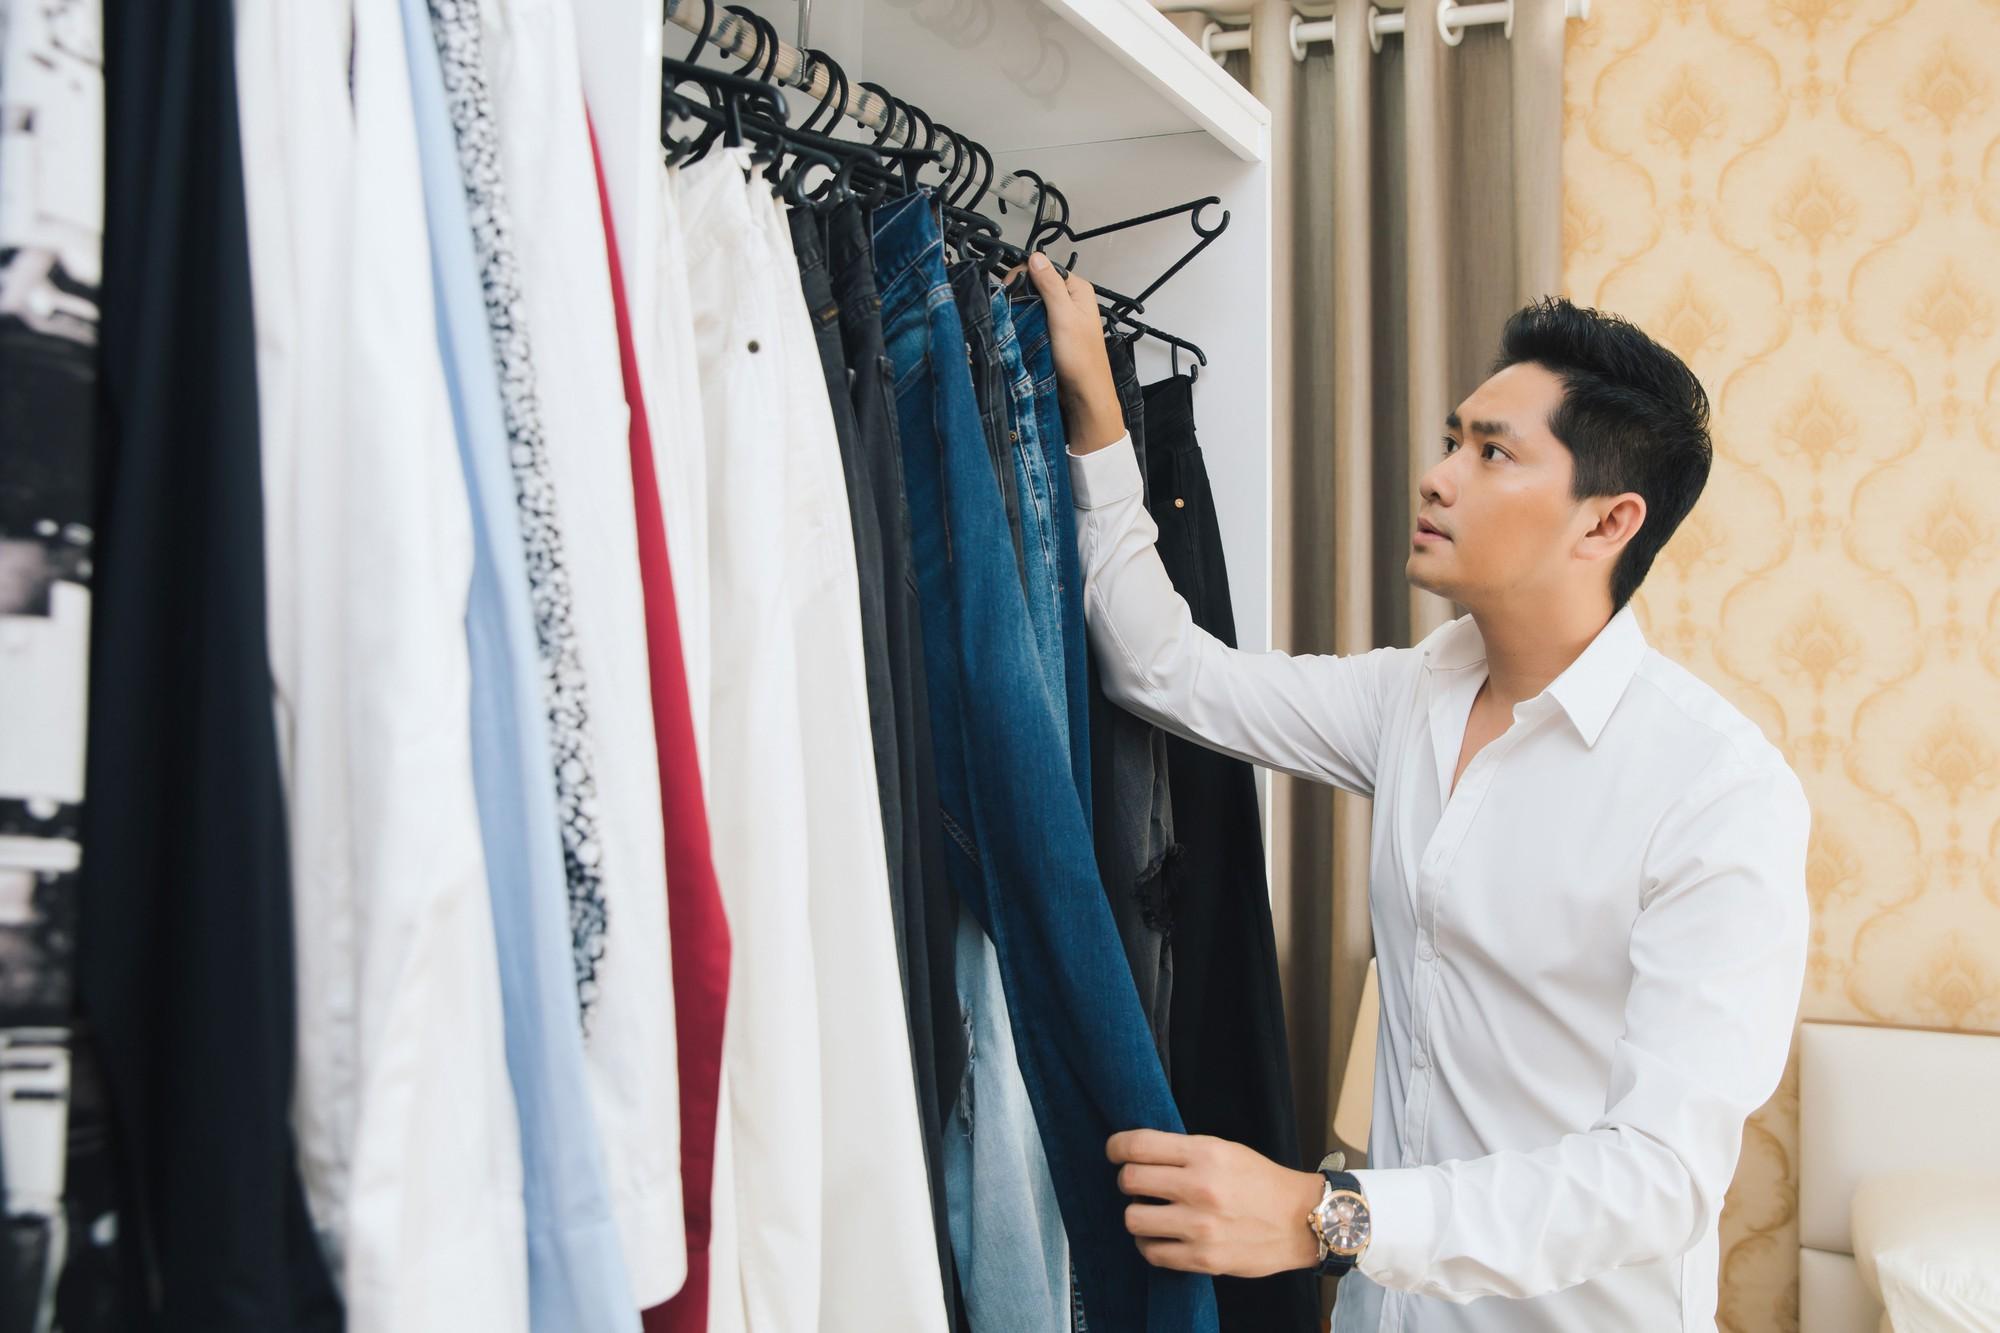 Diễn viên Minh Luân tự hào khoe căn hộ rộng 100 m2 sau 10 năm lập nghiệp ở TP HCM  - Ảnh 14.